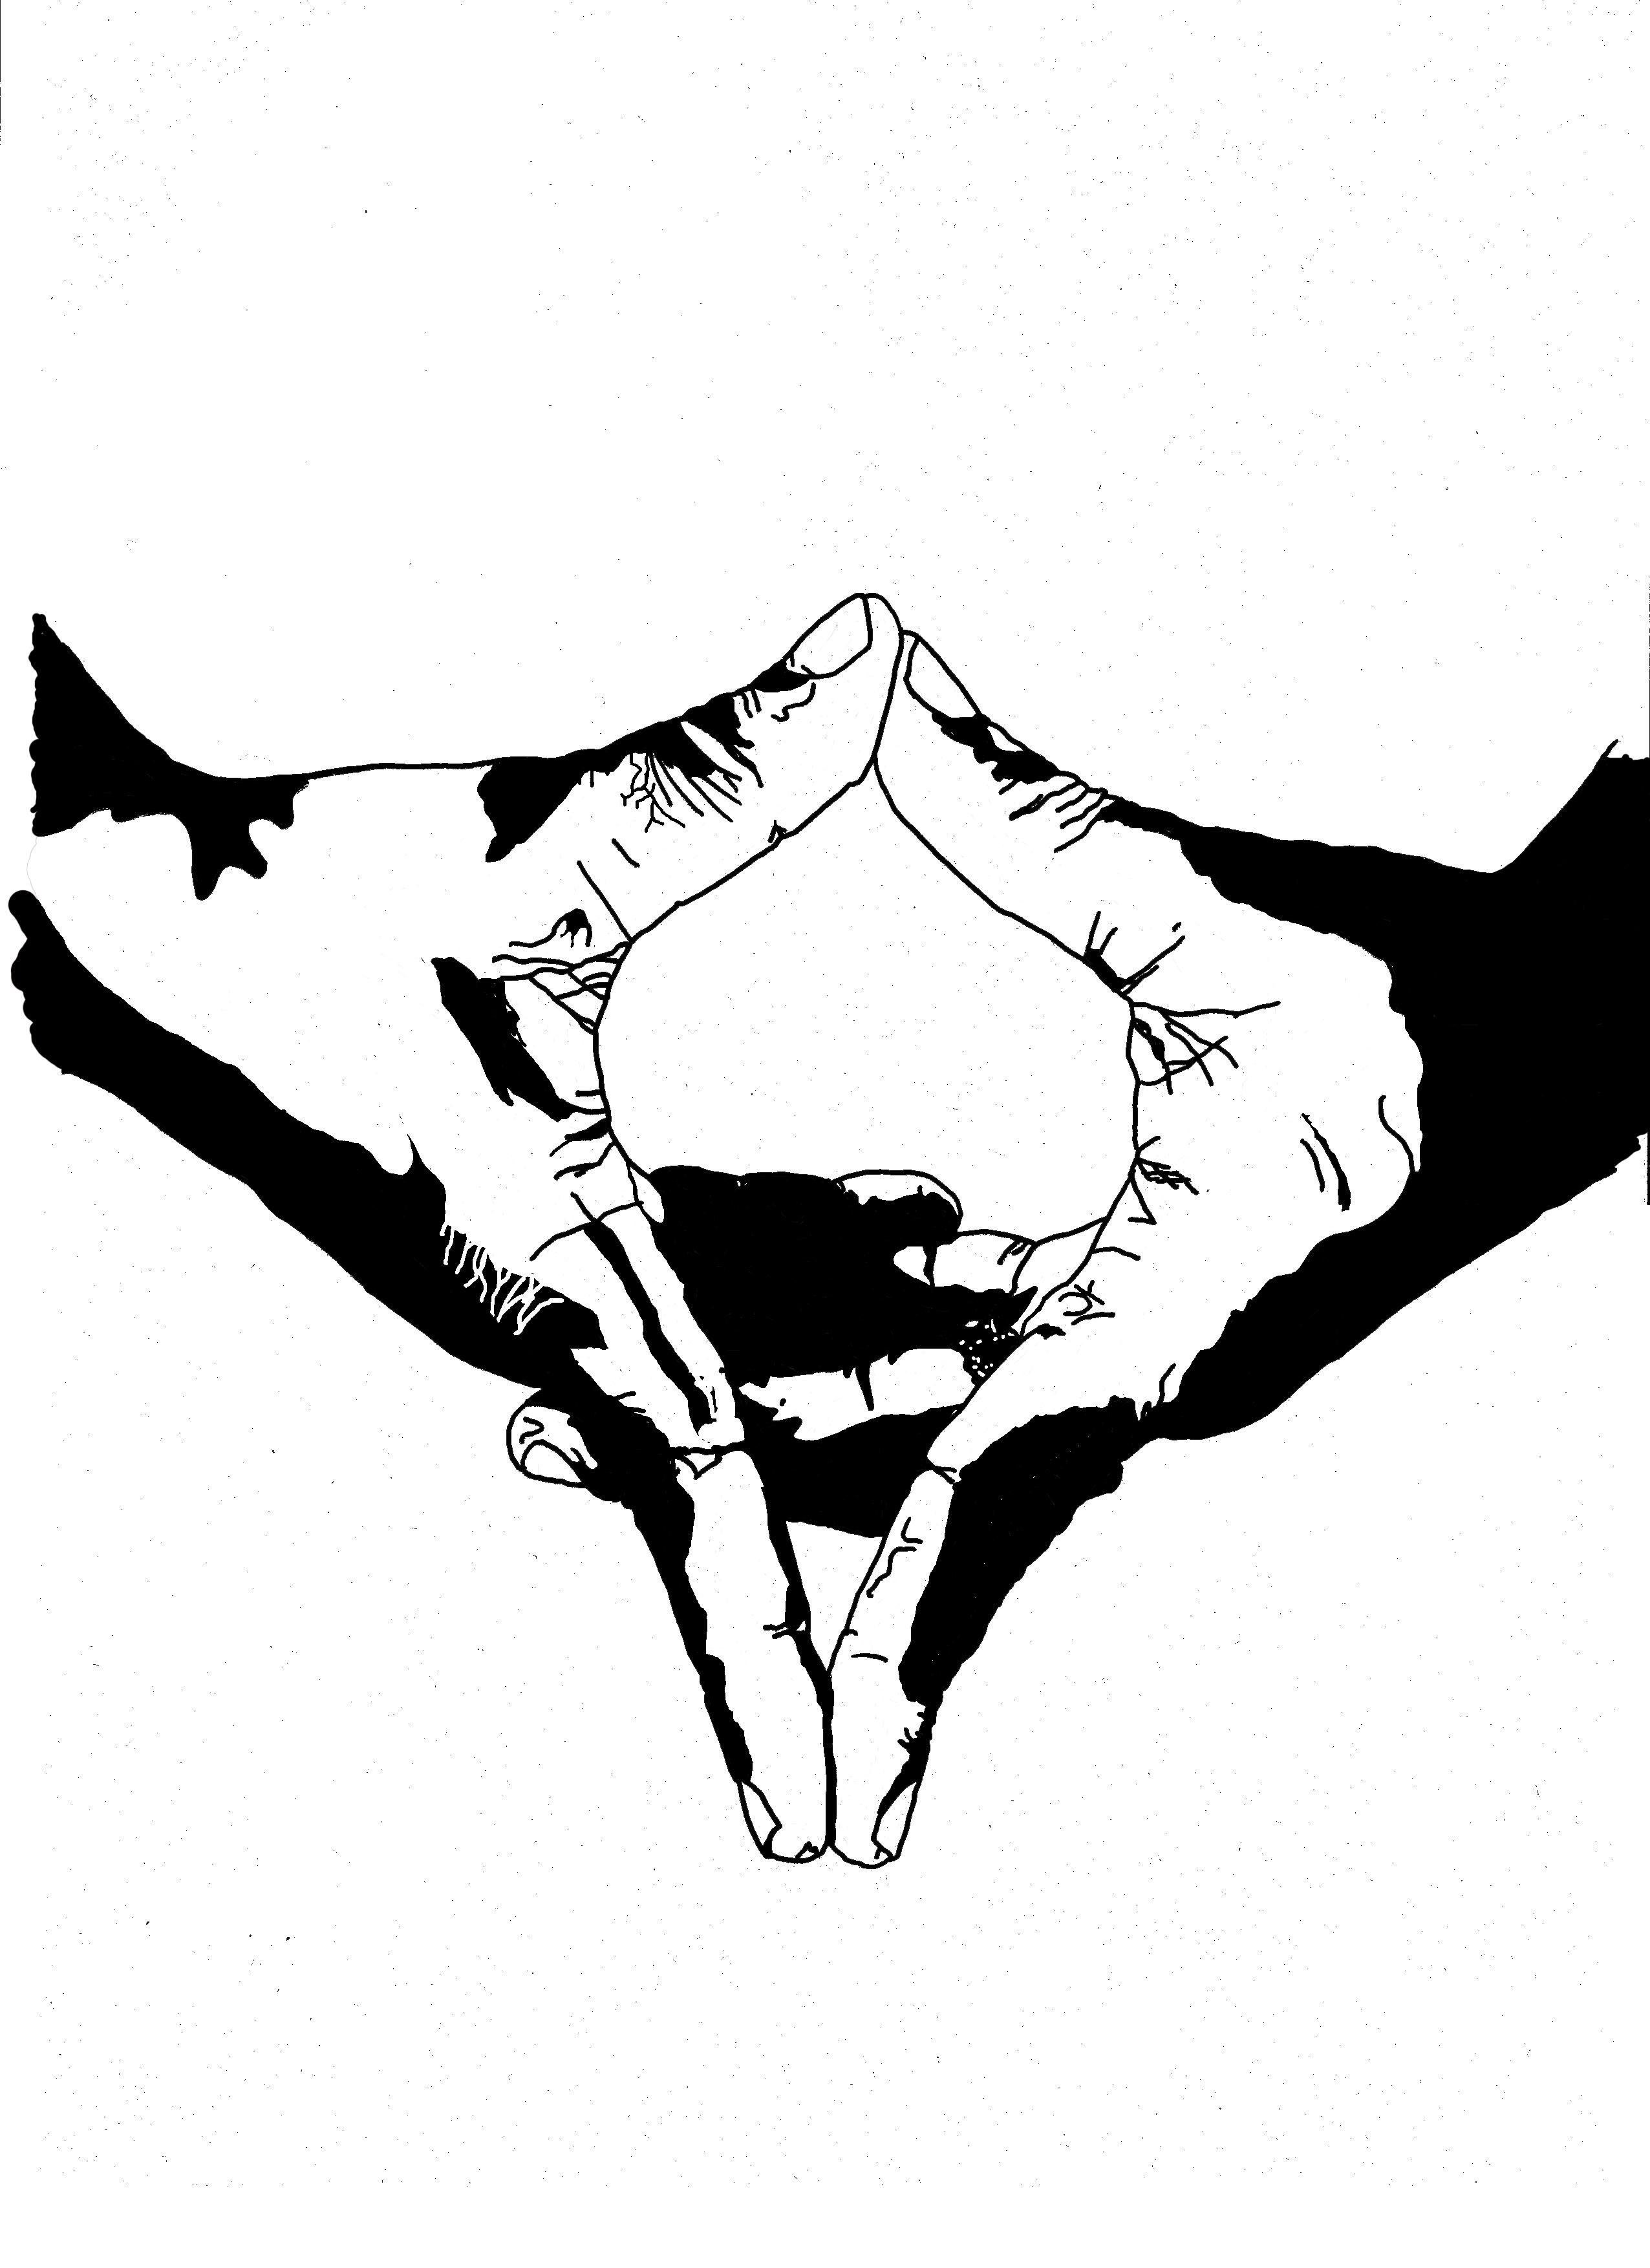 Drawn stare david Star David Sign: Hand David